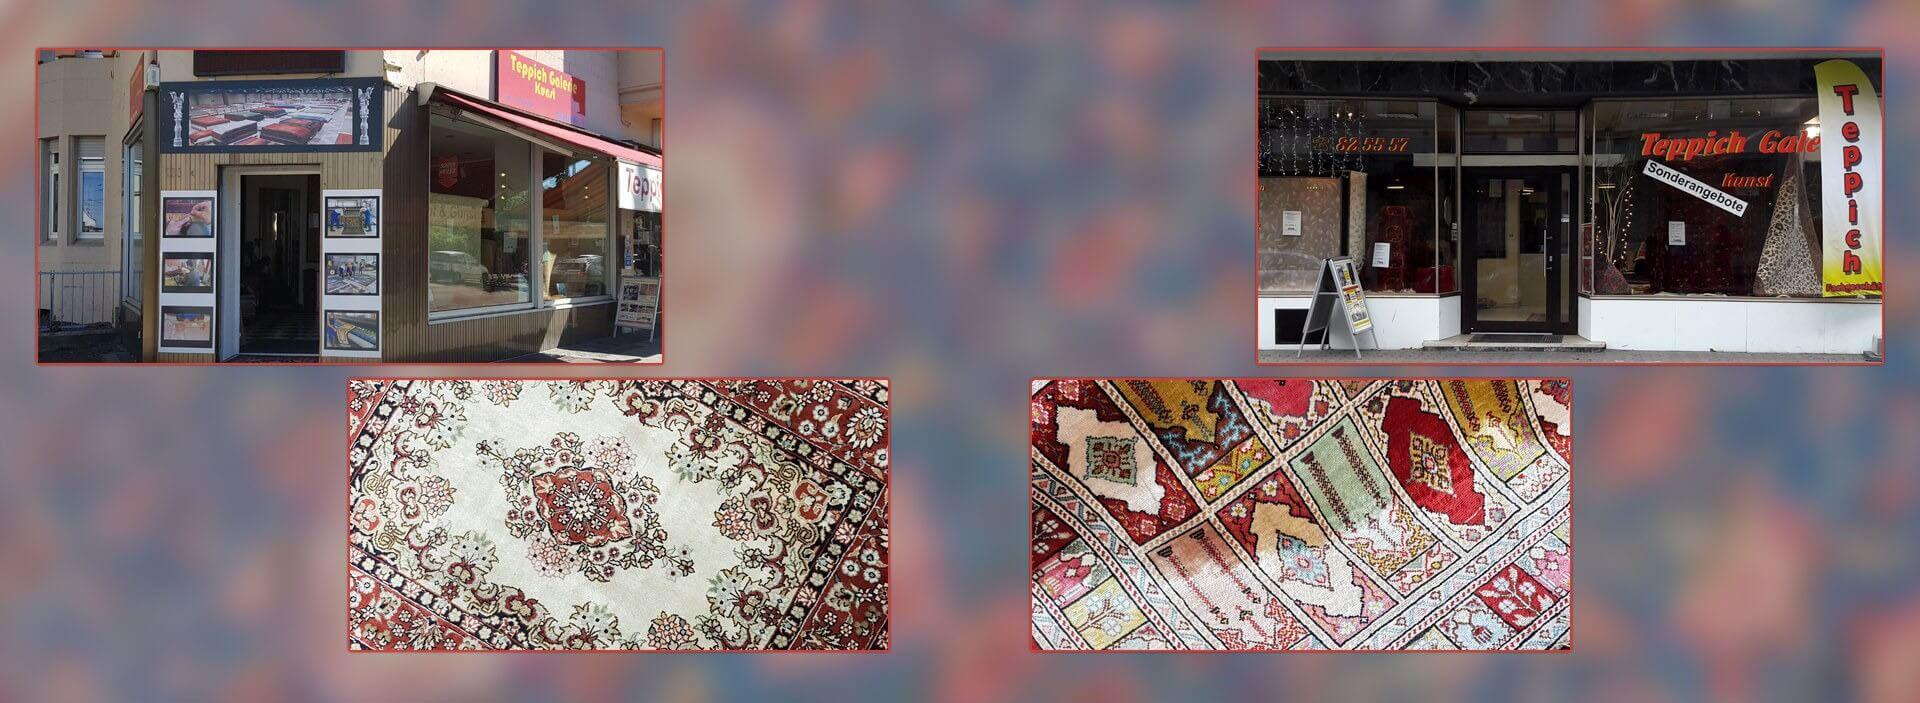 teppichgalerie-kunst